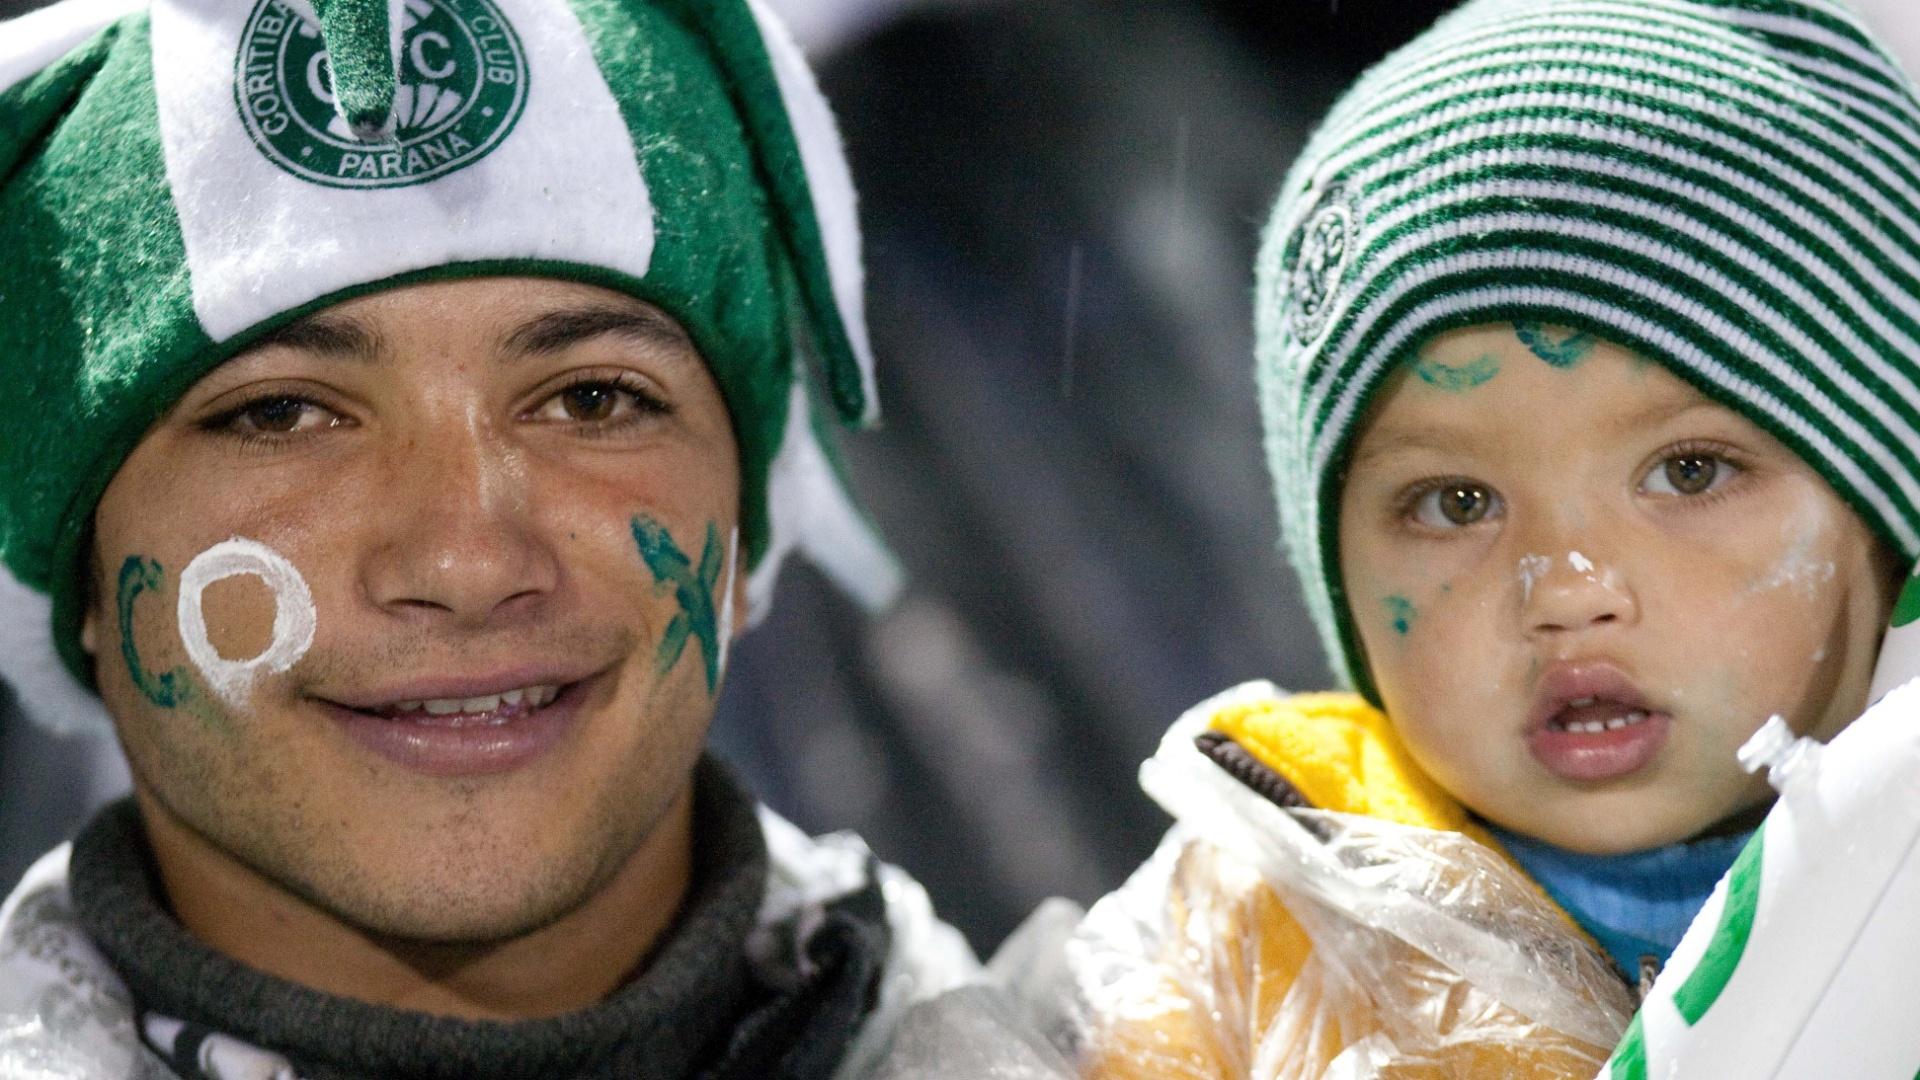 Nem mesmo o frio e a chuva espantaram o pequeno torcedor do Coritiba, que foi ao Couto Pereira para acompanhar a final da Copa do Brasil